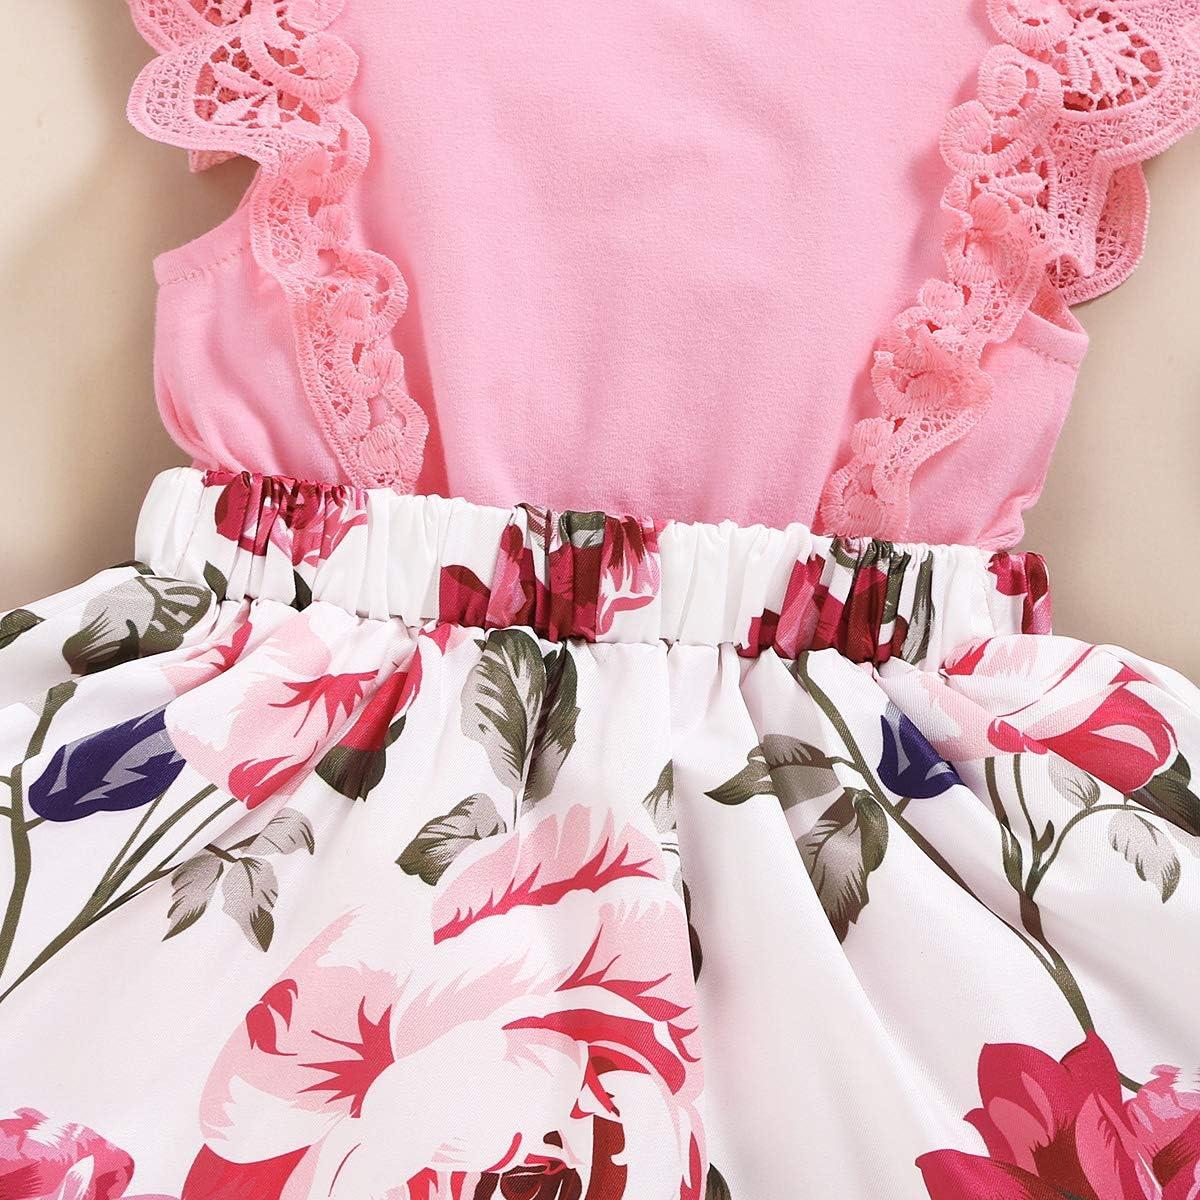 Haokaini Nouveau-N/é B/éb/é Fille Robe D/ét/é Col Rond Robe /à Fleurs pour Une Soir/ée D/écontract/ée